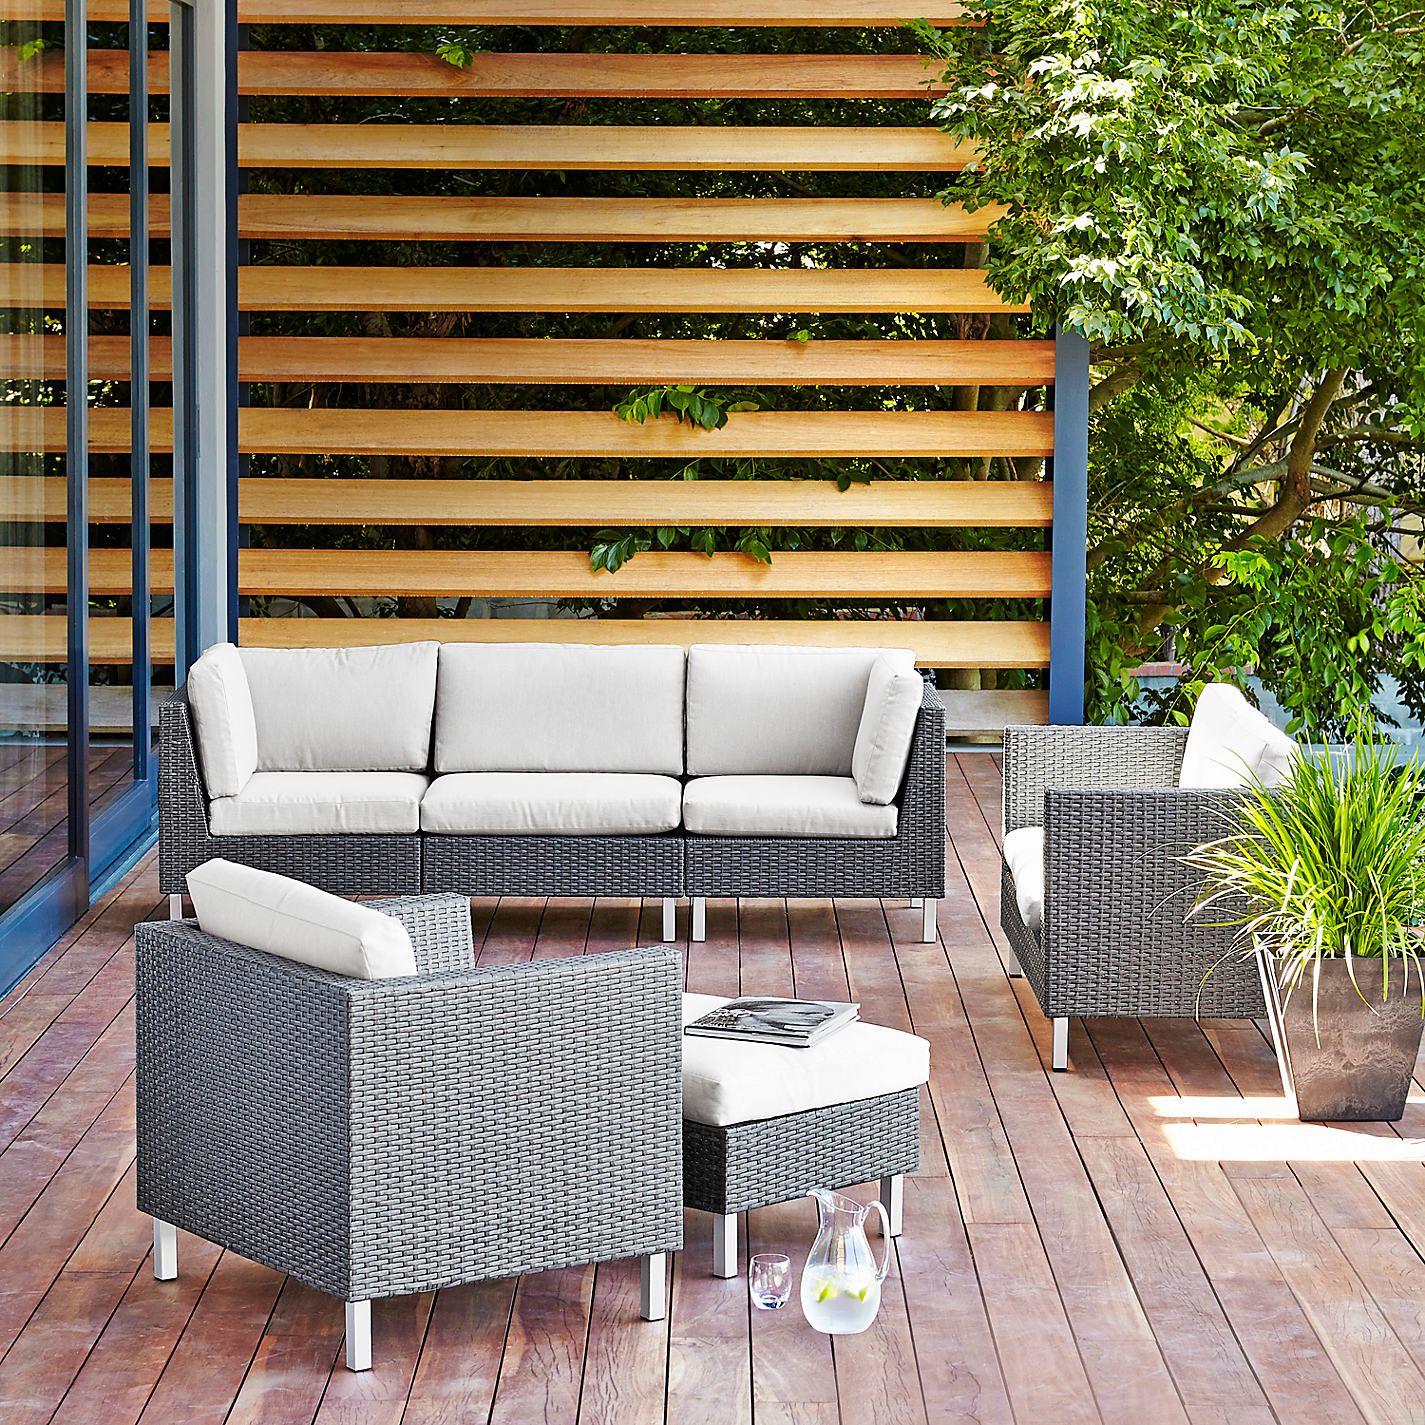 Buy John Lewis Madrid Outdoor Furniture John Lewis Outdoor